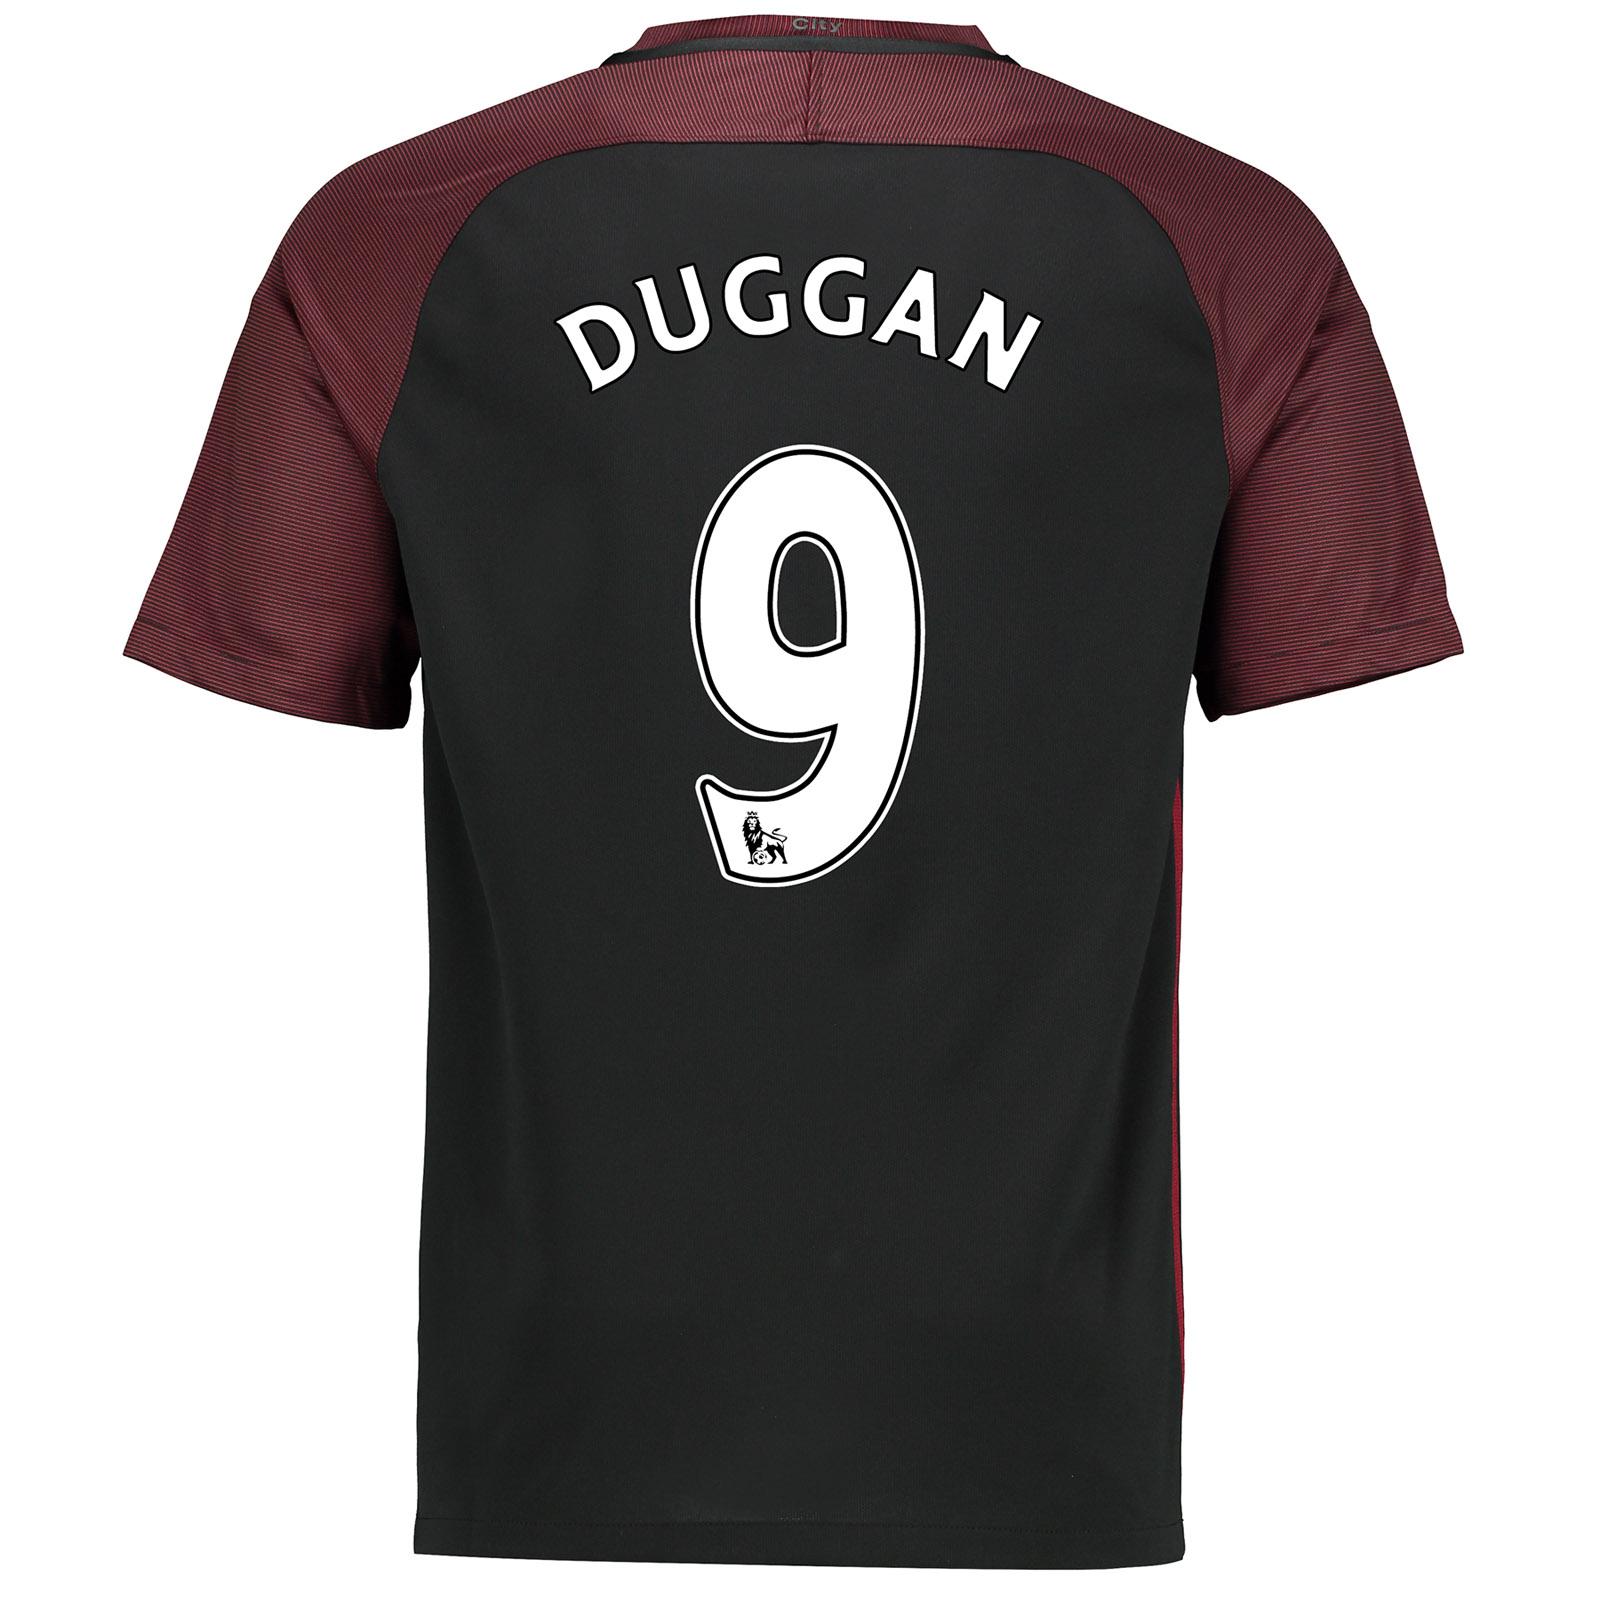 Manchester City Away Stadium Shirt 2016-17 with Duggan 9 printing